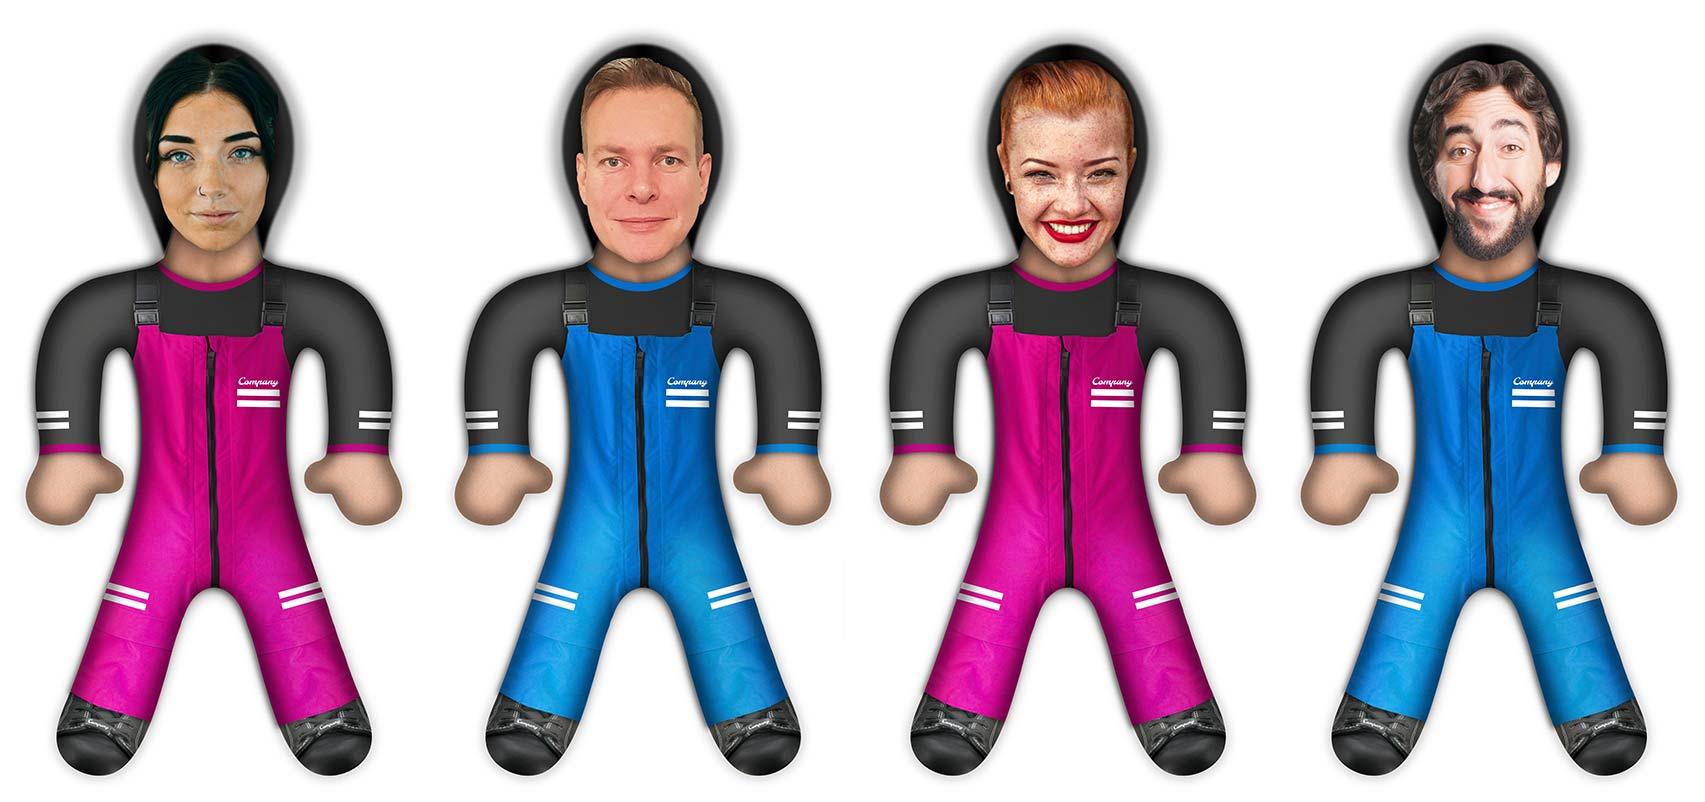 Beispiel für Knuddlers Foto Puppen von Teams